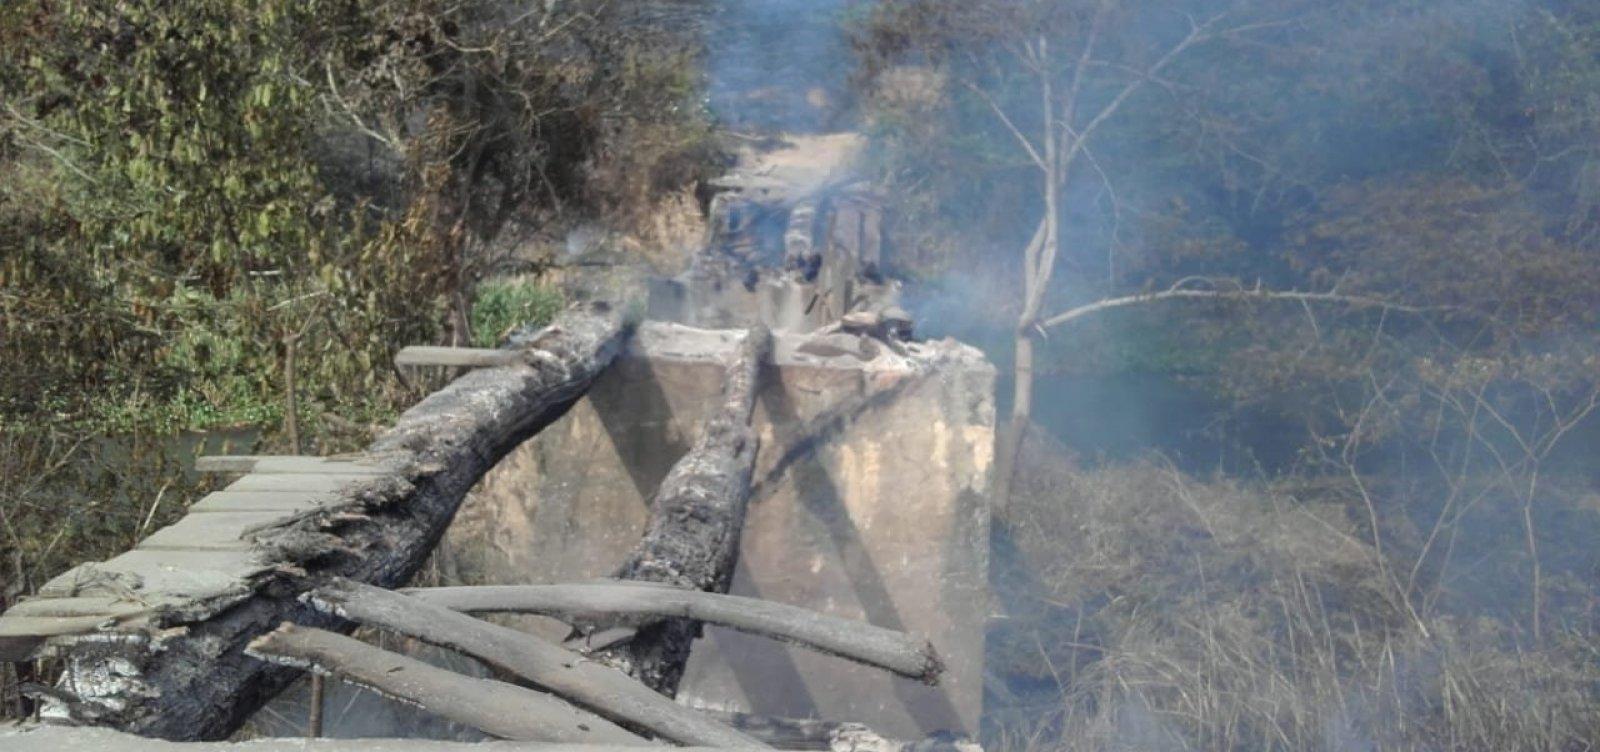 Incêndio destrói ponte e deixa 40 famílias 'isoladas' em Caatiba